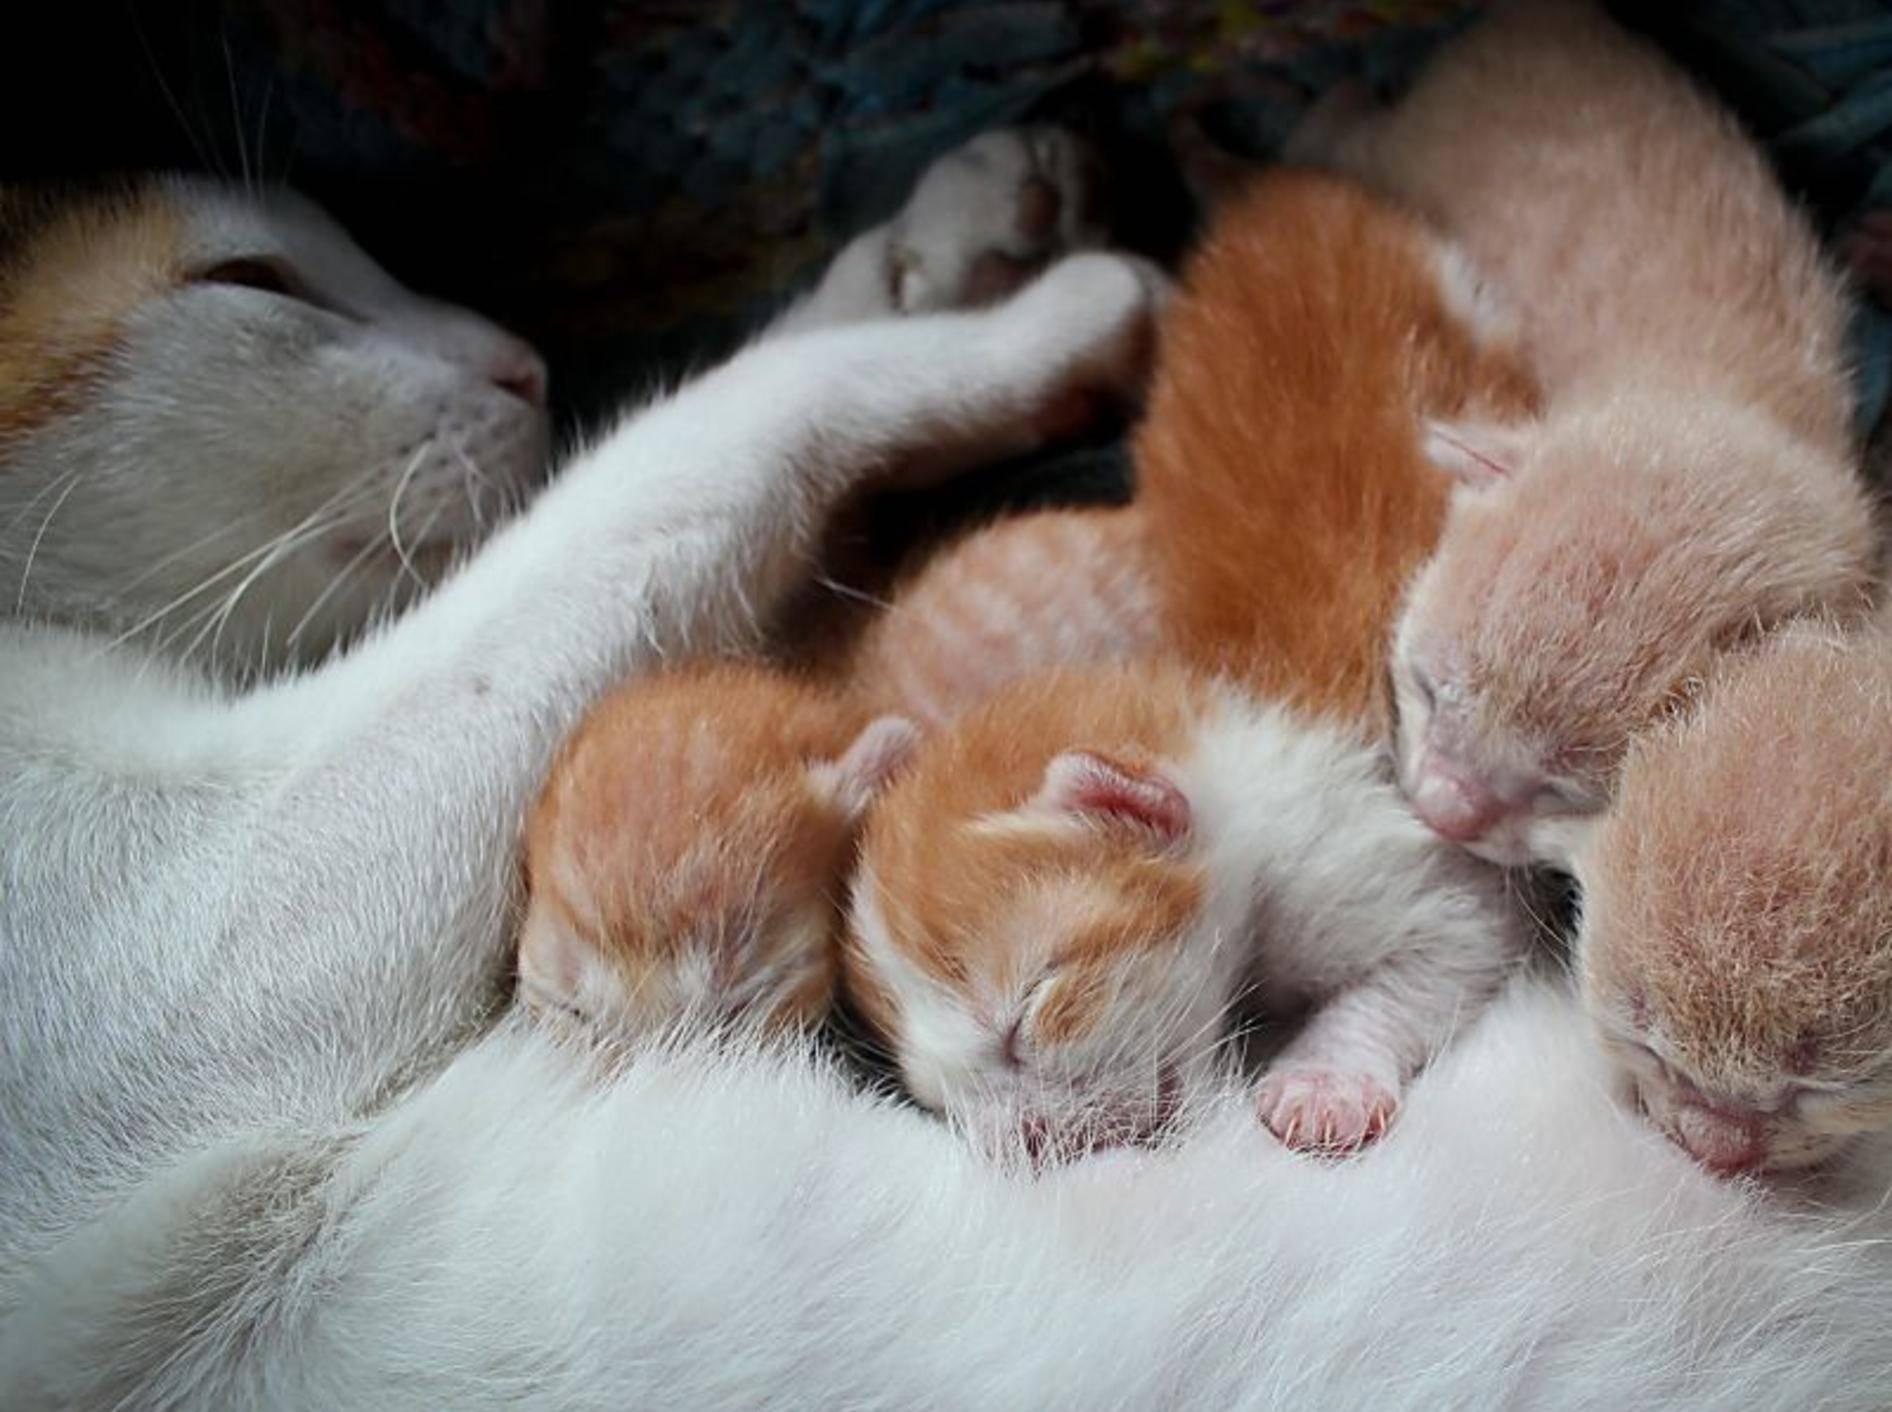 Schlafen, kuscheln, trinken: Diese Katzenbabys müssen noch groß und stark werden – Bild: Shutterstock / Grey Carnation